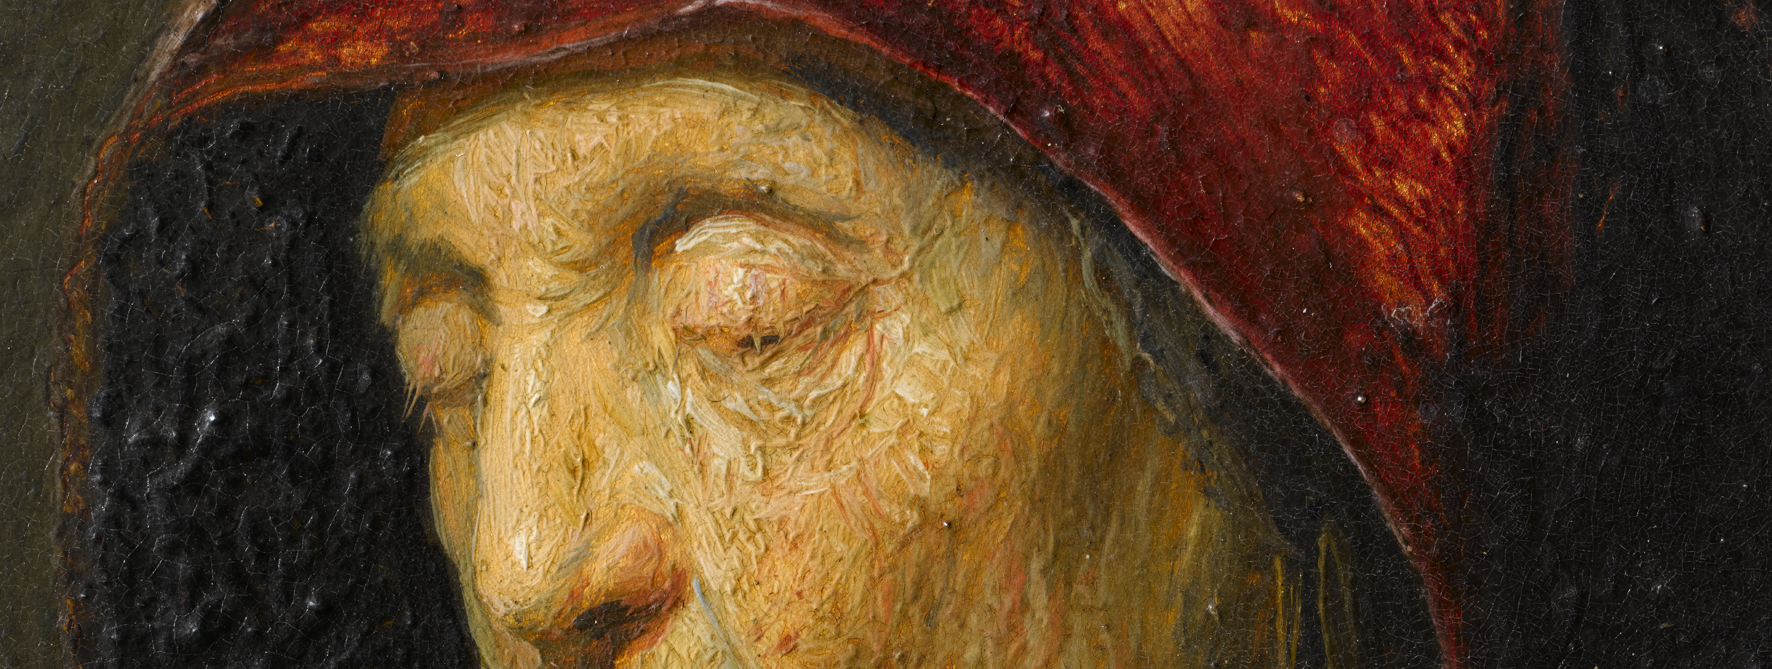 """Veranstaltung Expertenführung """"Rembrandt. Unter der Farbe"""" im DomQuartier Salzburg"""